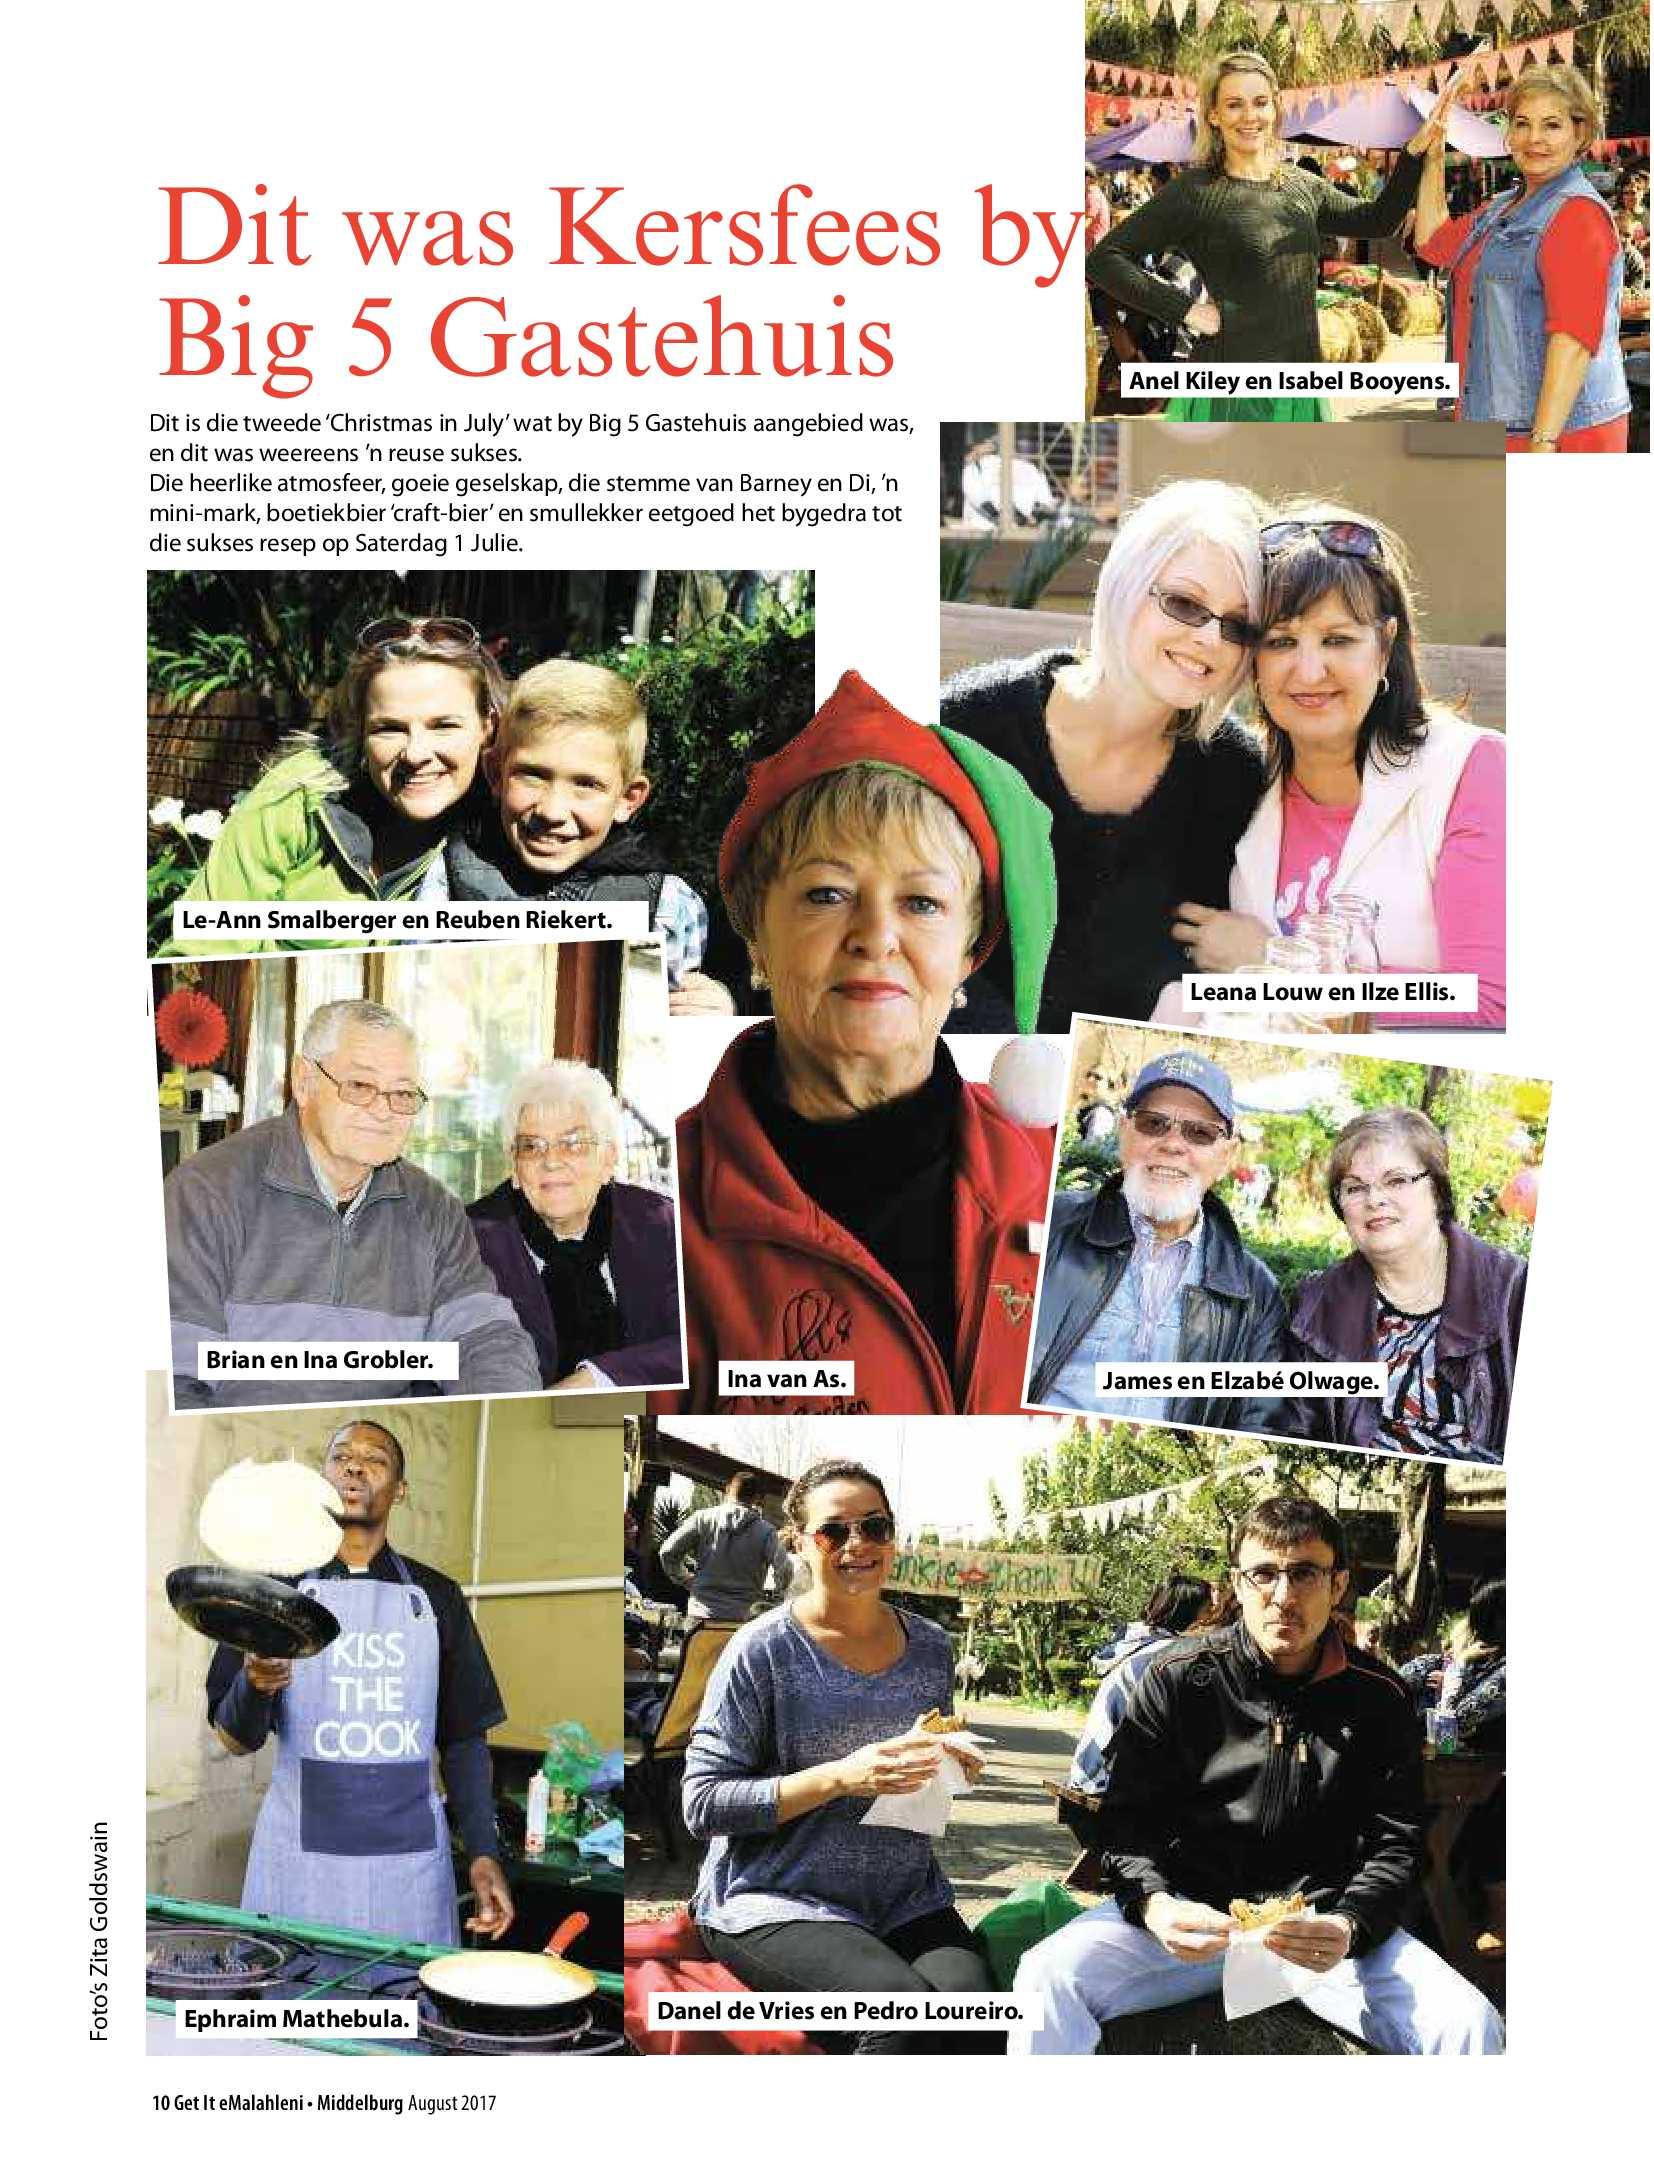 get-middelburg-august-2017-epapers-page-12